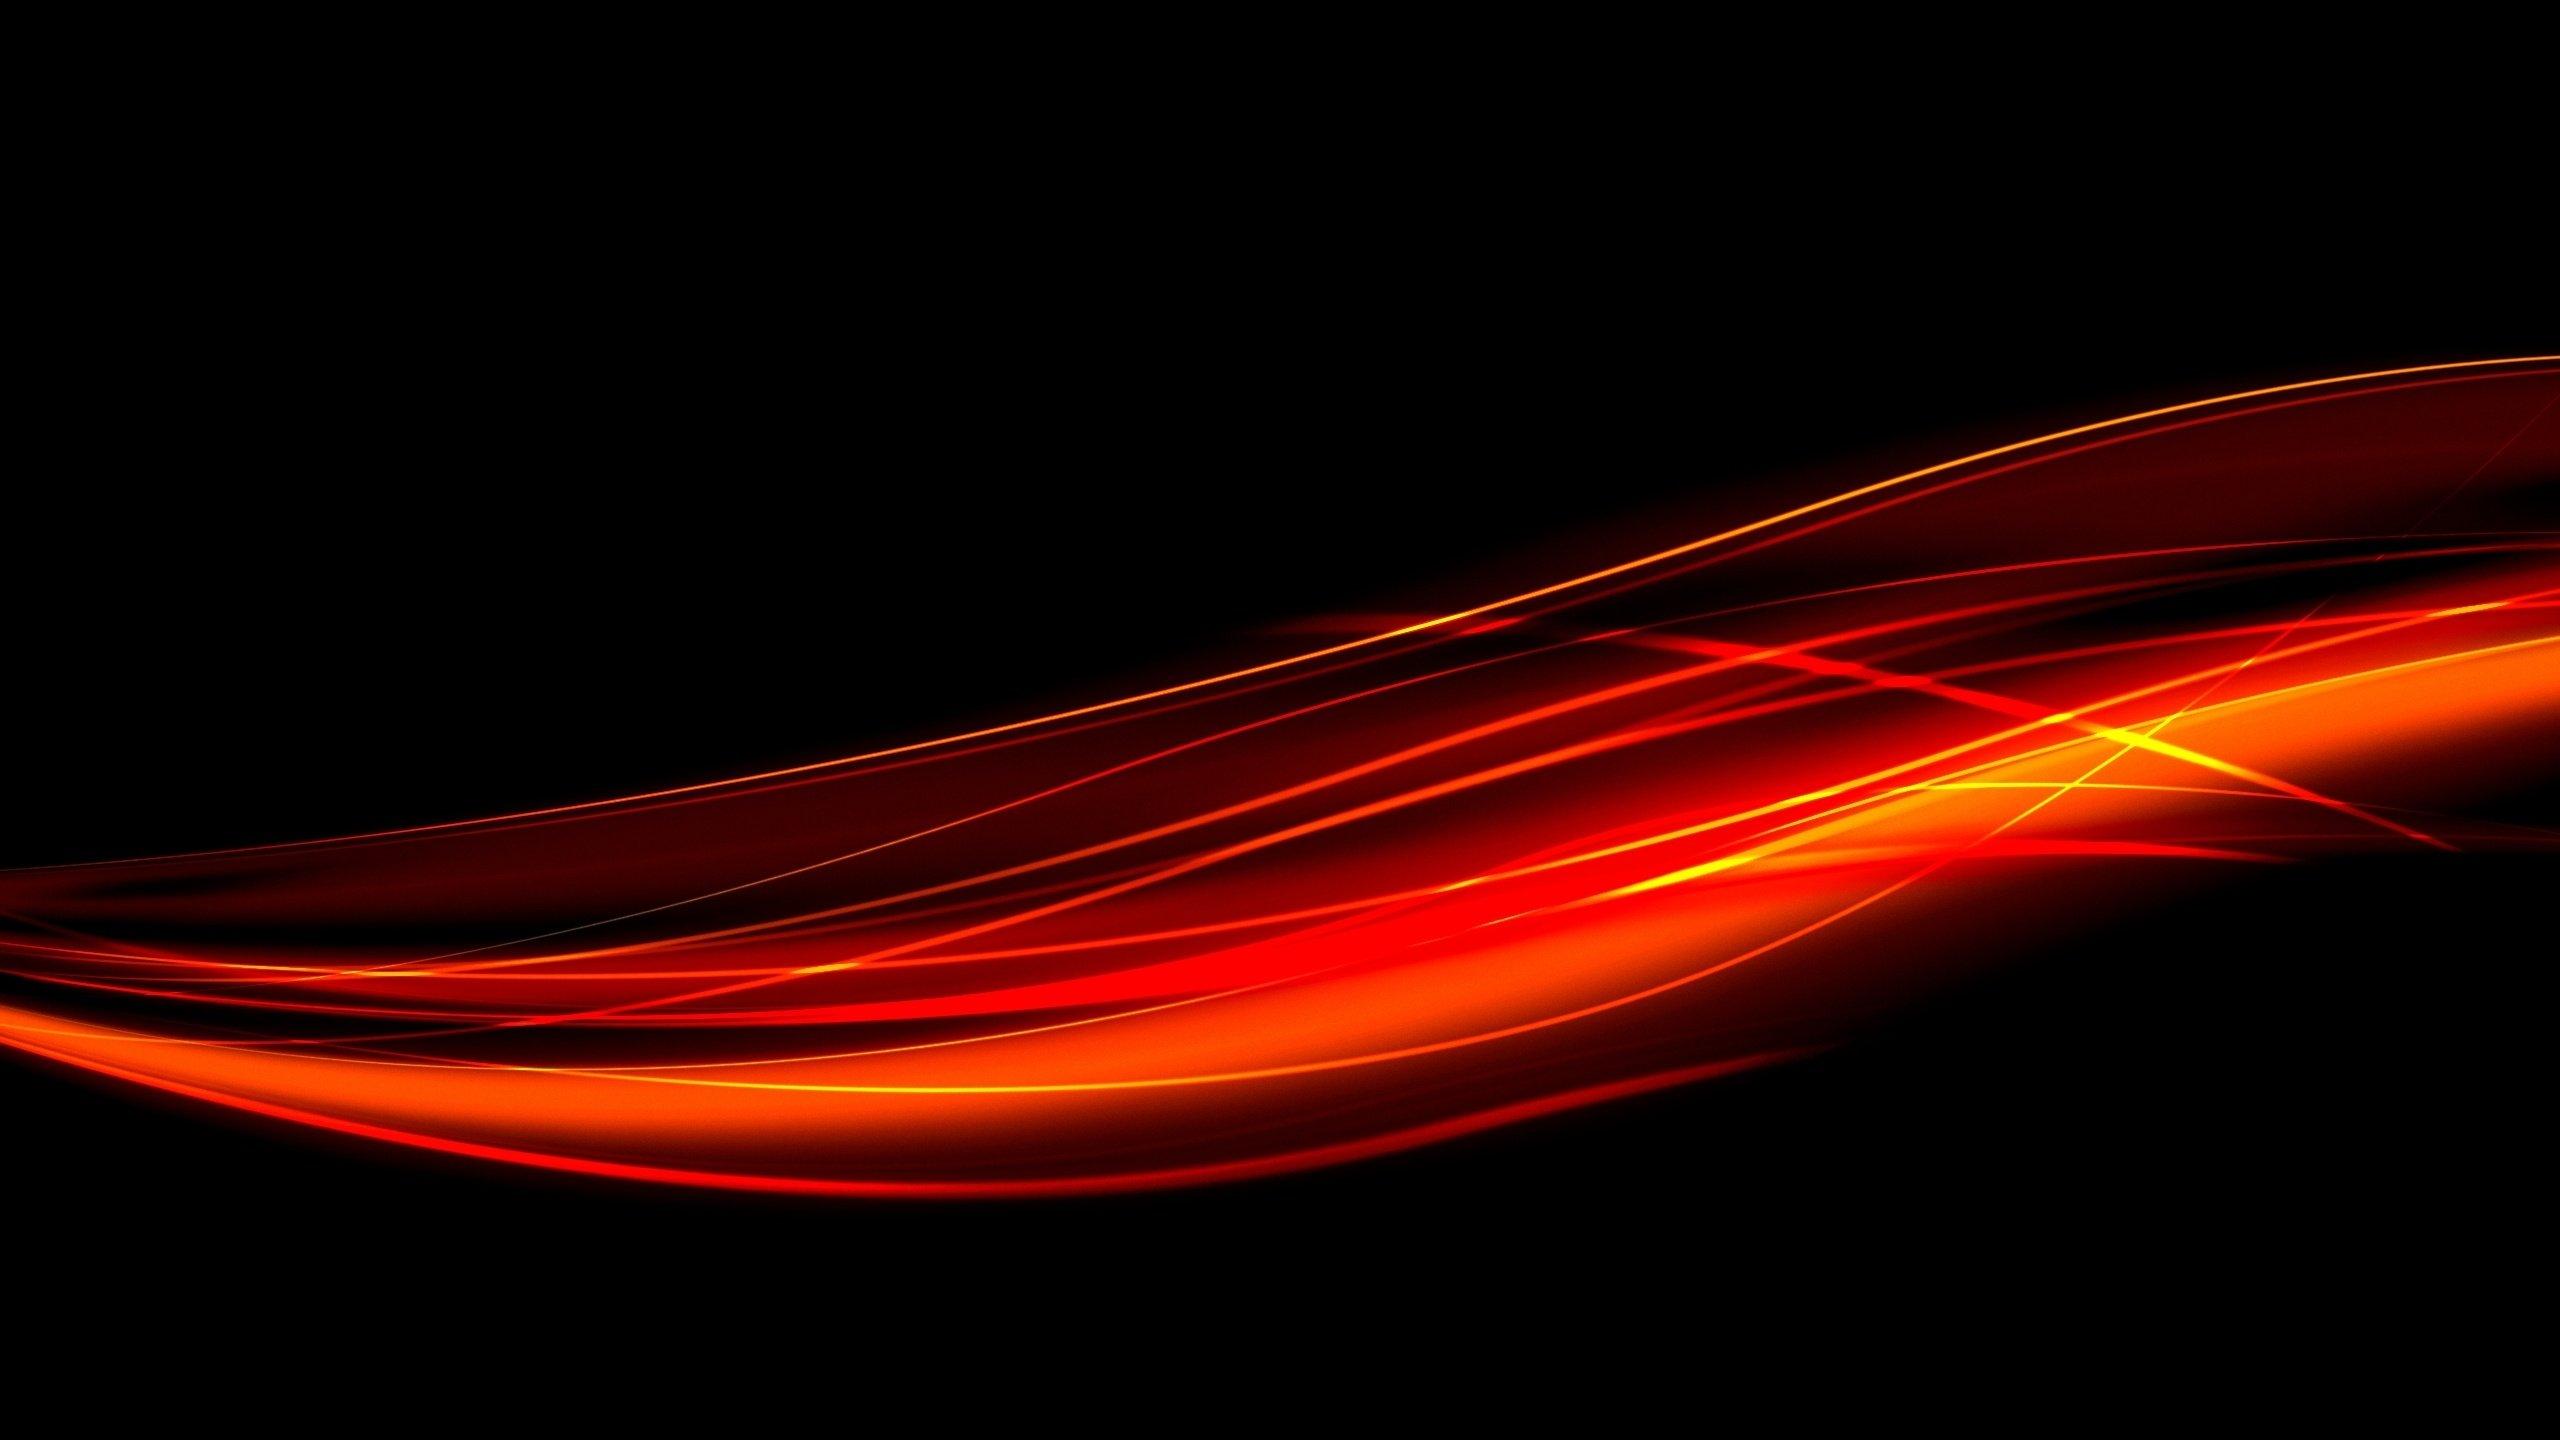 графика абстракция линии красные  № 3664218 загрузить